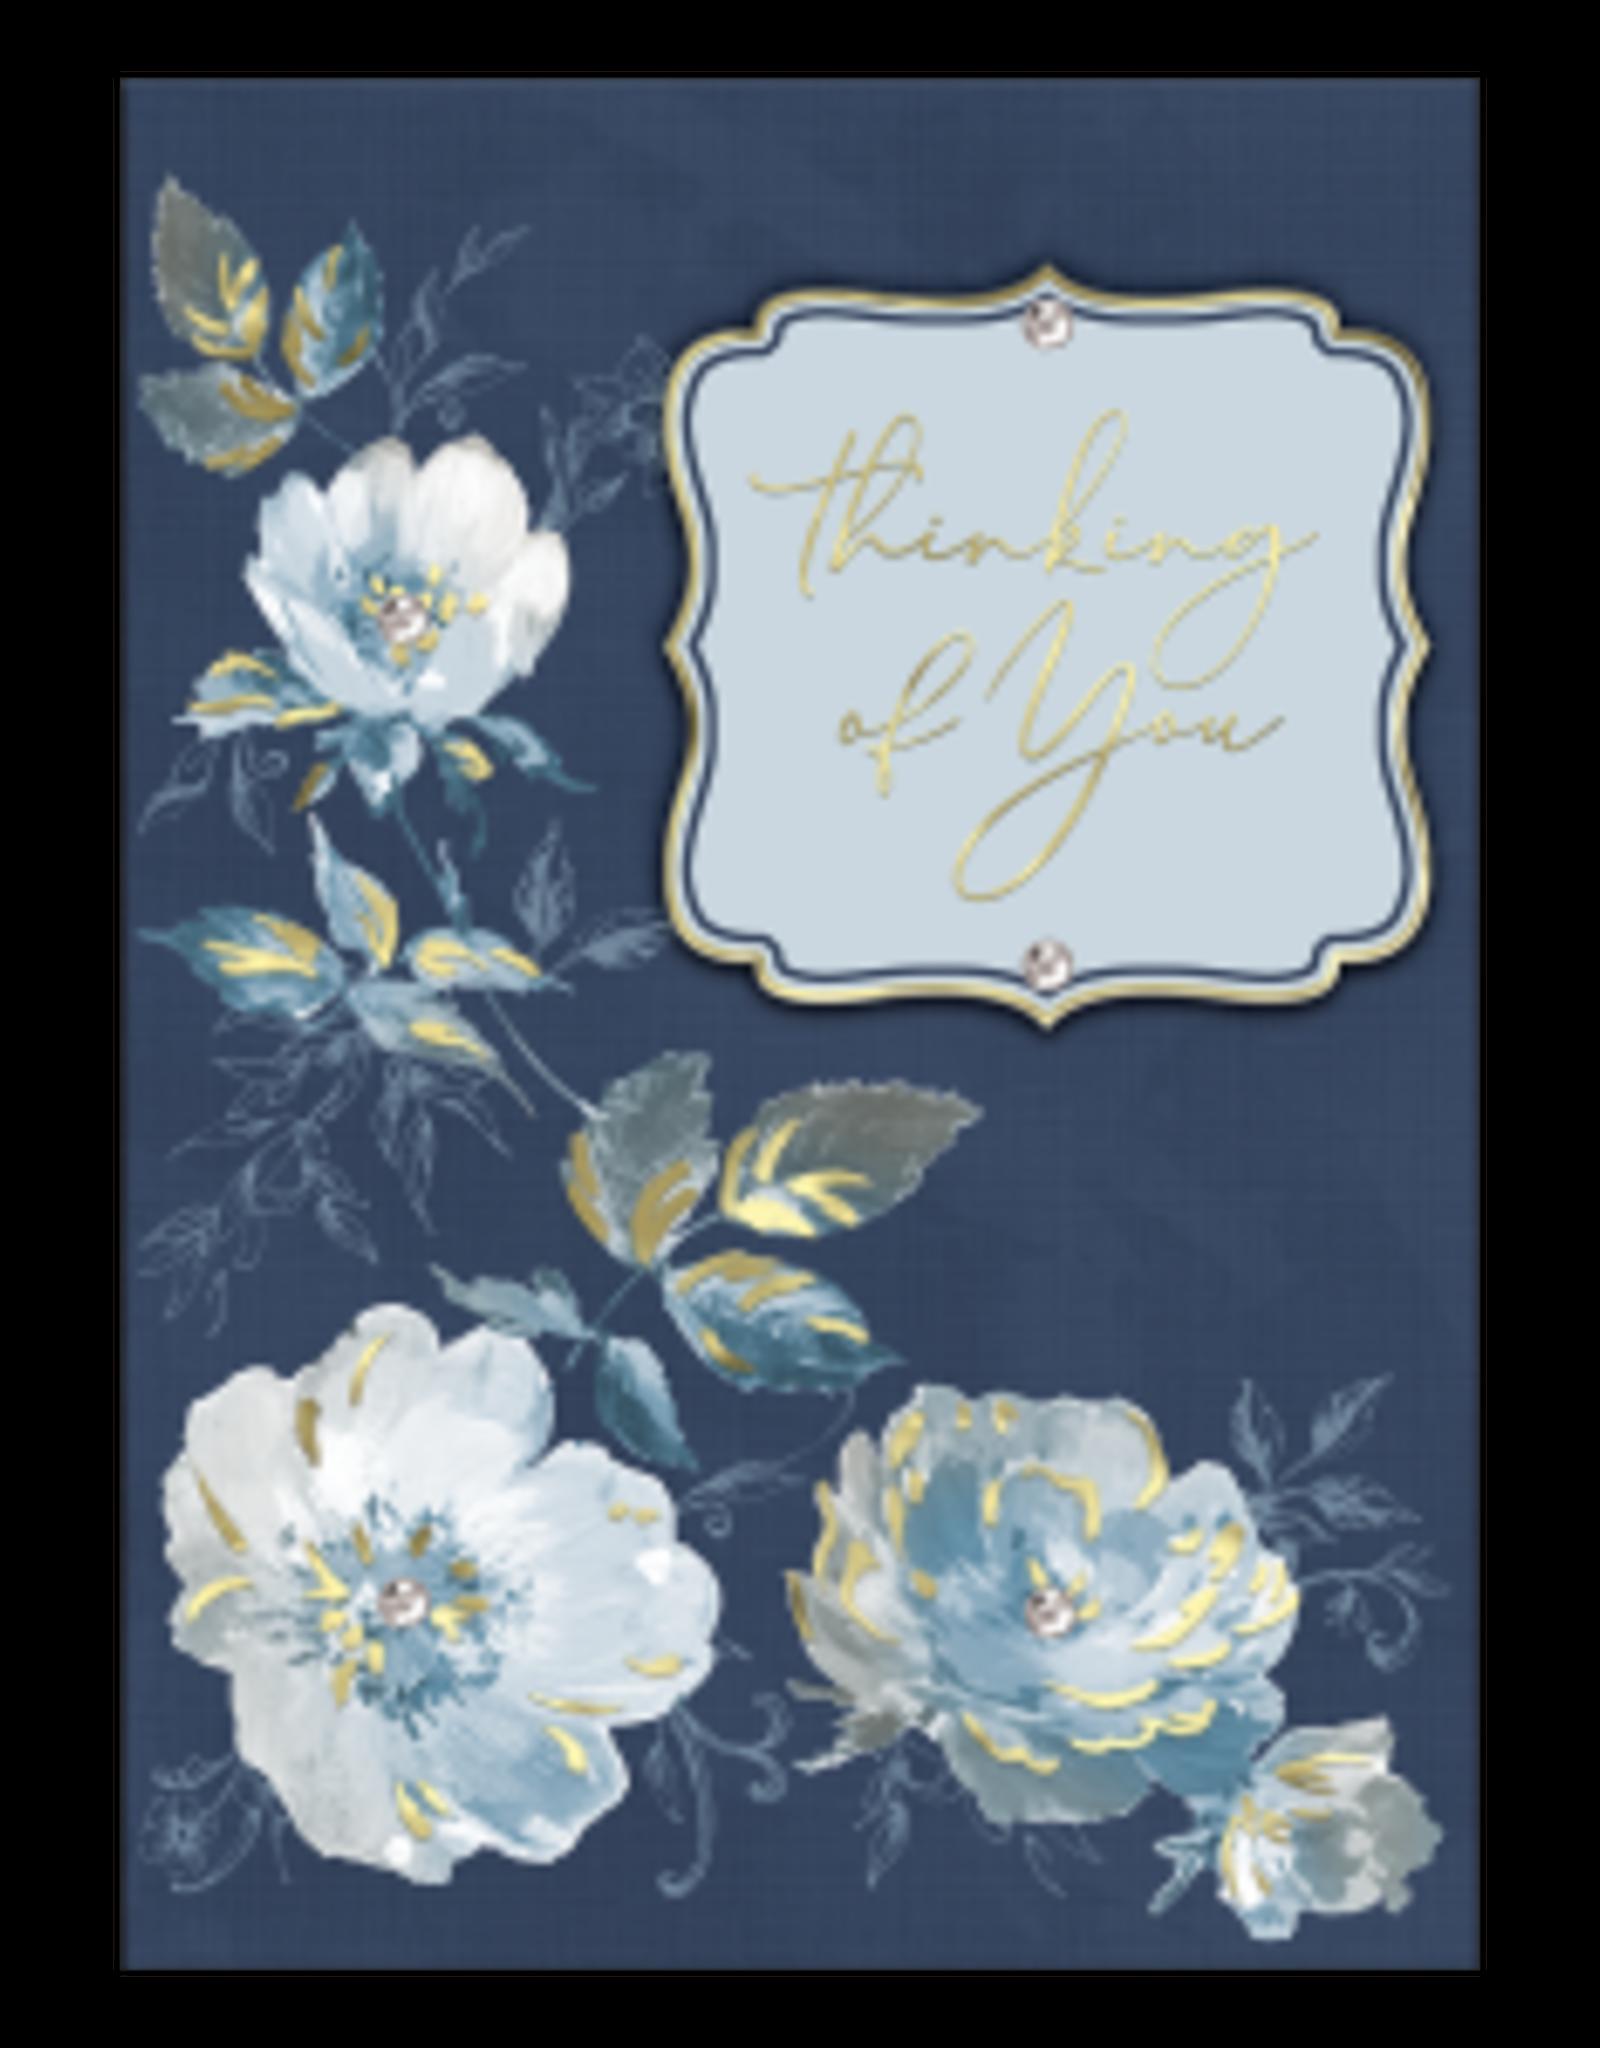 - Indigo Hues Thinking of You Card